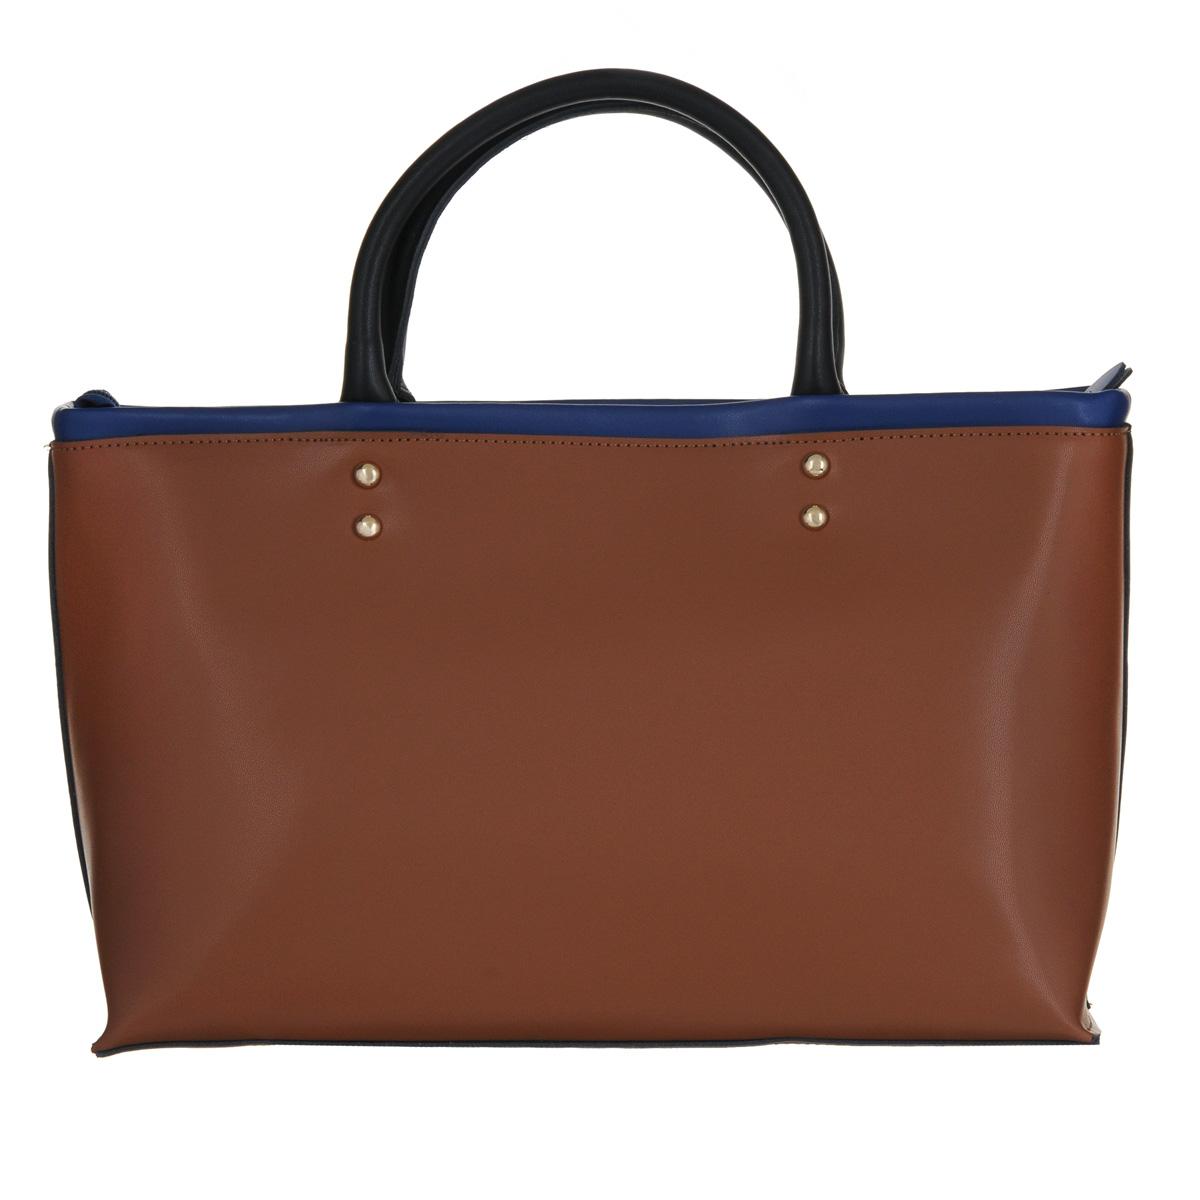 Сумка женская Fancy's Bag, цвет: коричневый, синий. 13077-09/82